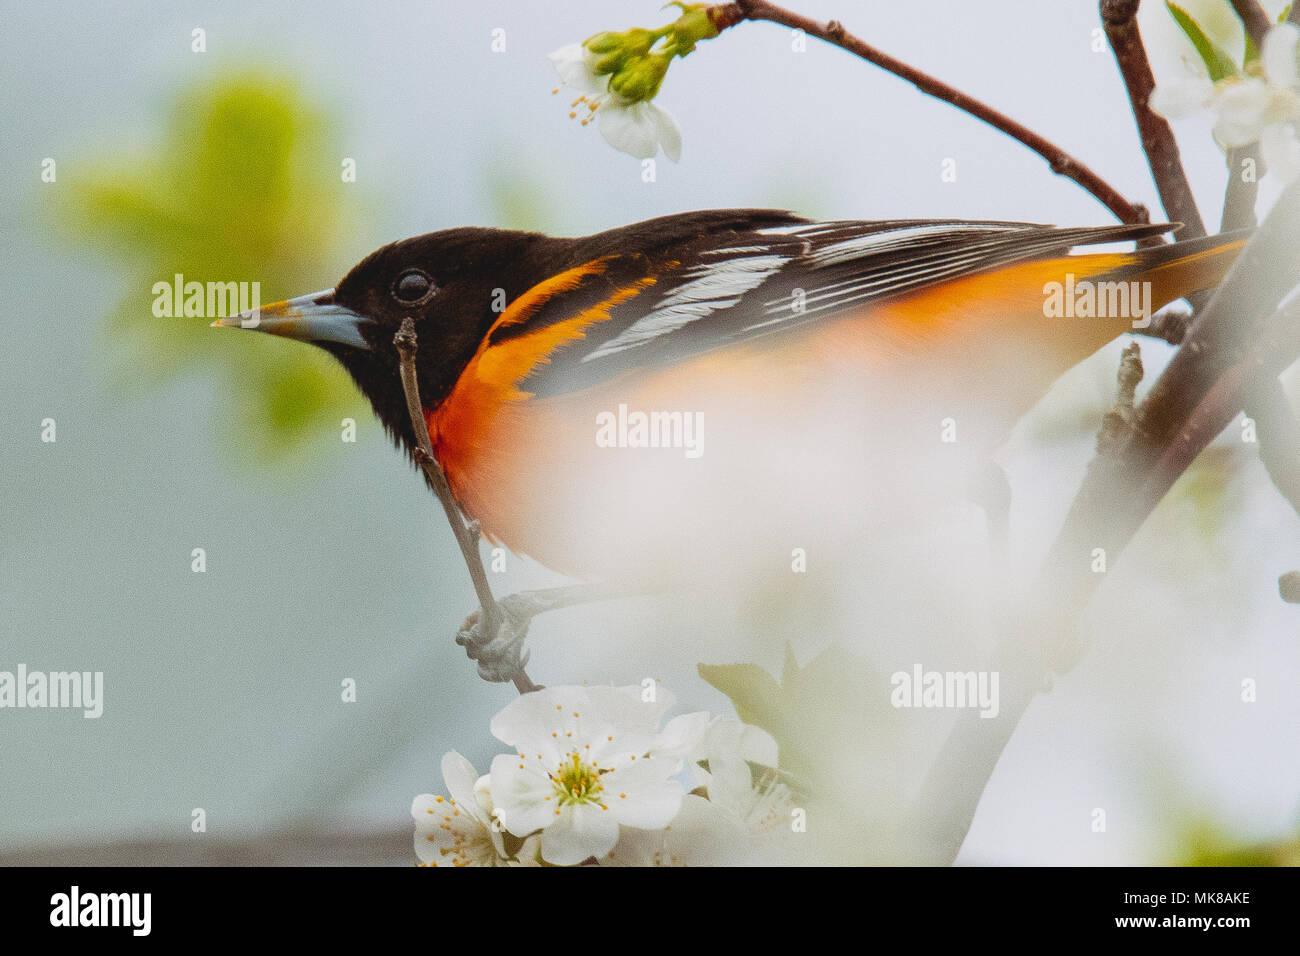 Un Baltimore oriole seaarching Cherry Blossoms para una comida. Foto de stock